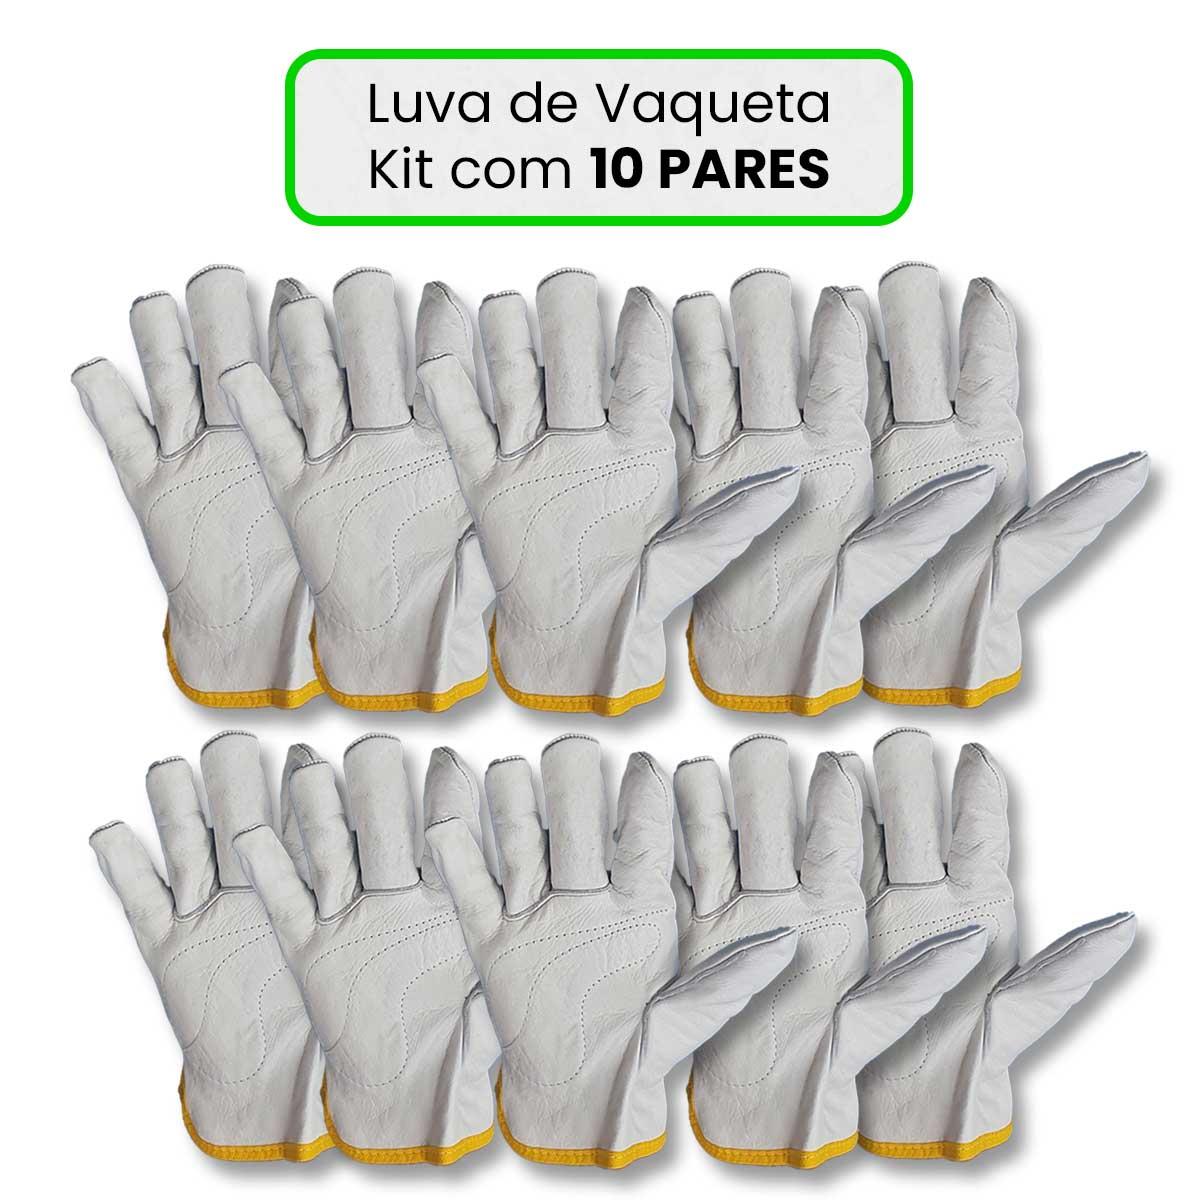 Luva De Vaqueta Cano Curto Kit com 10 Pares  - Pavvia Agulhas e Peças